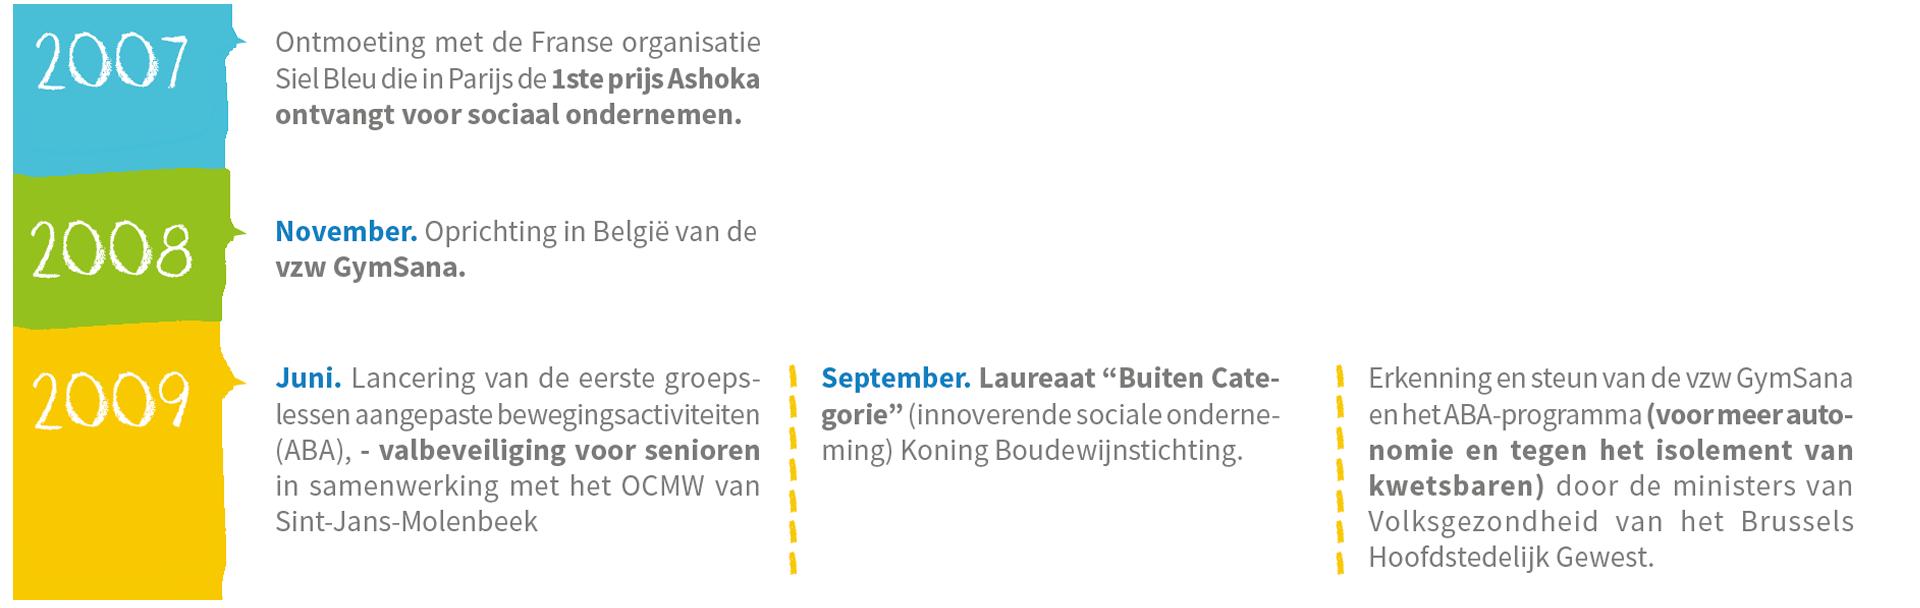 GS_Timeline_01_NL